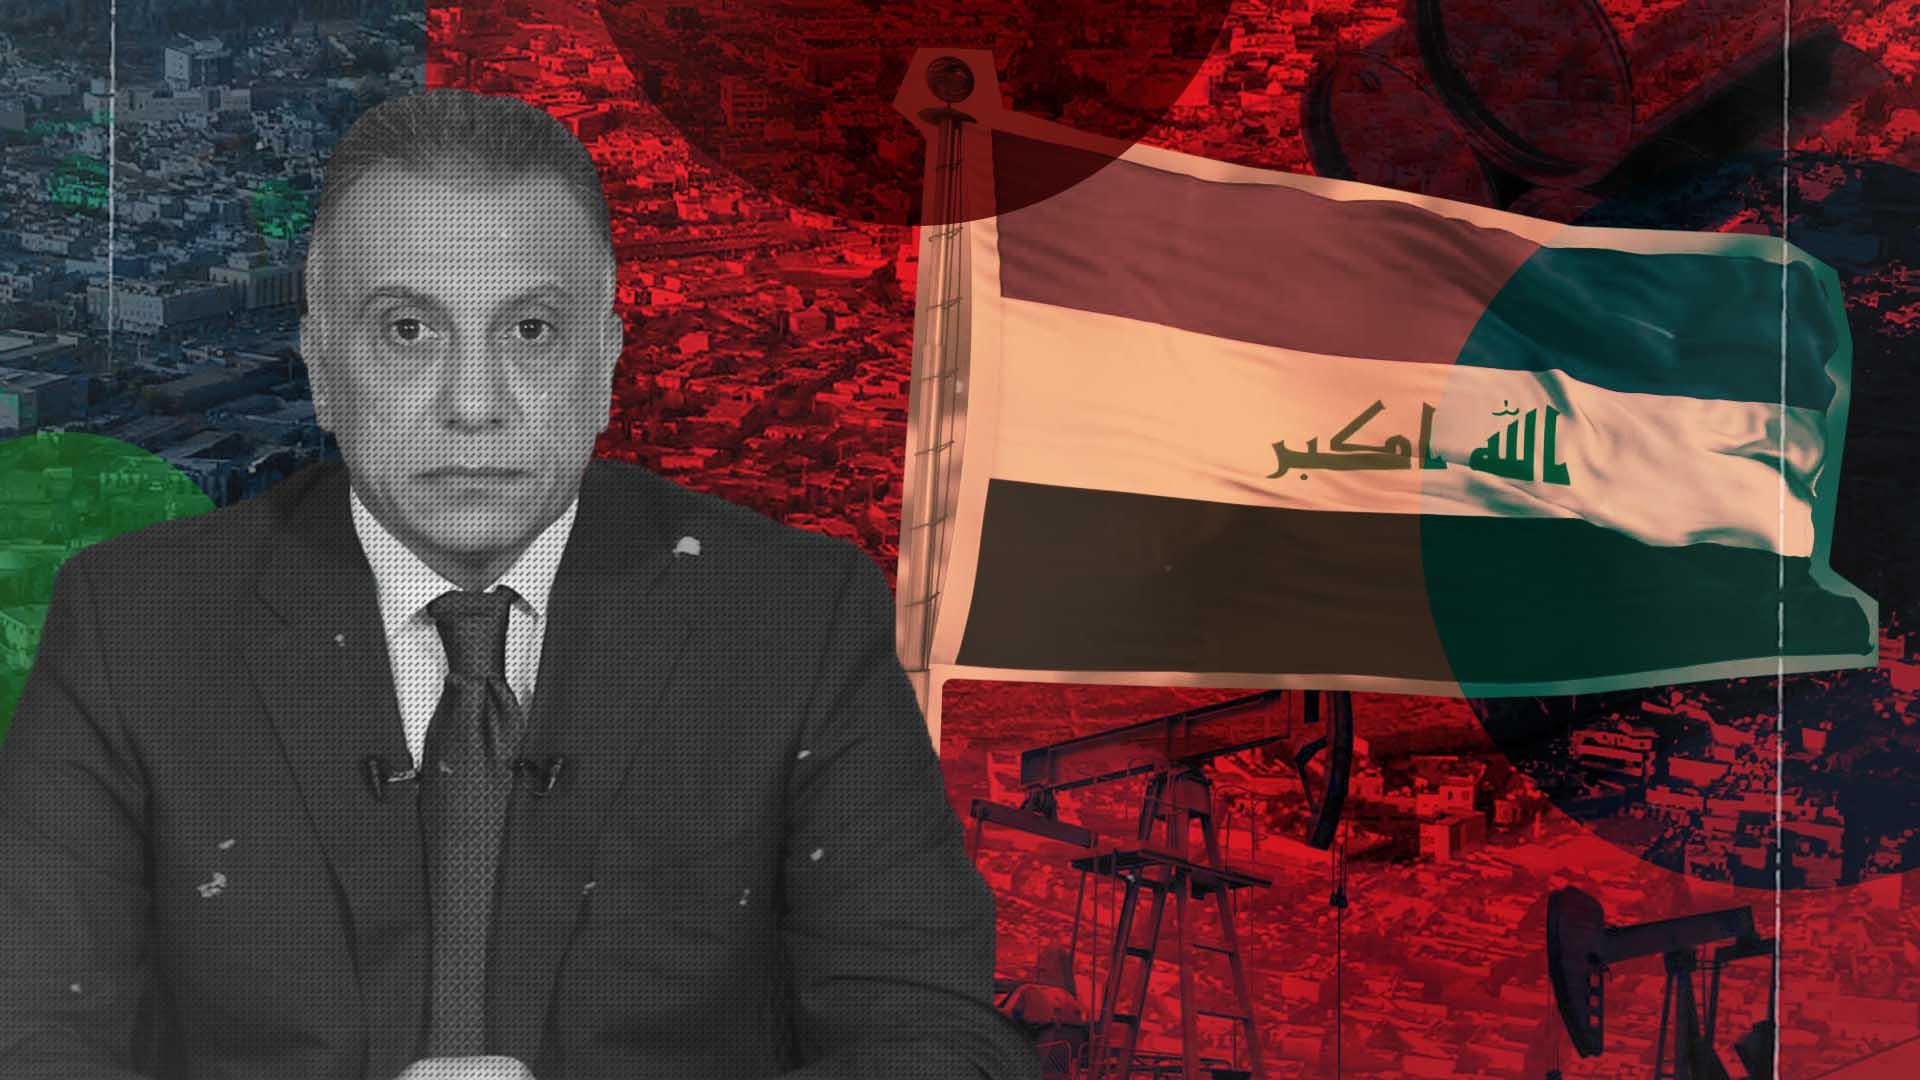 الإنفتاح العراقي... منافع ومخاوف